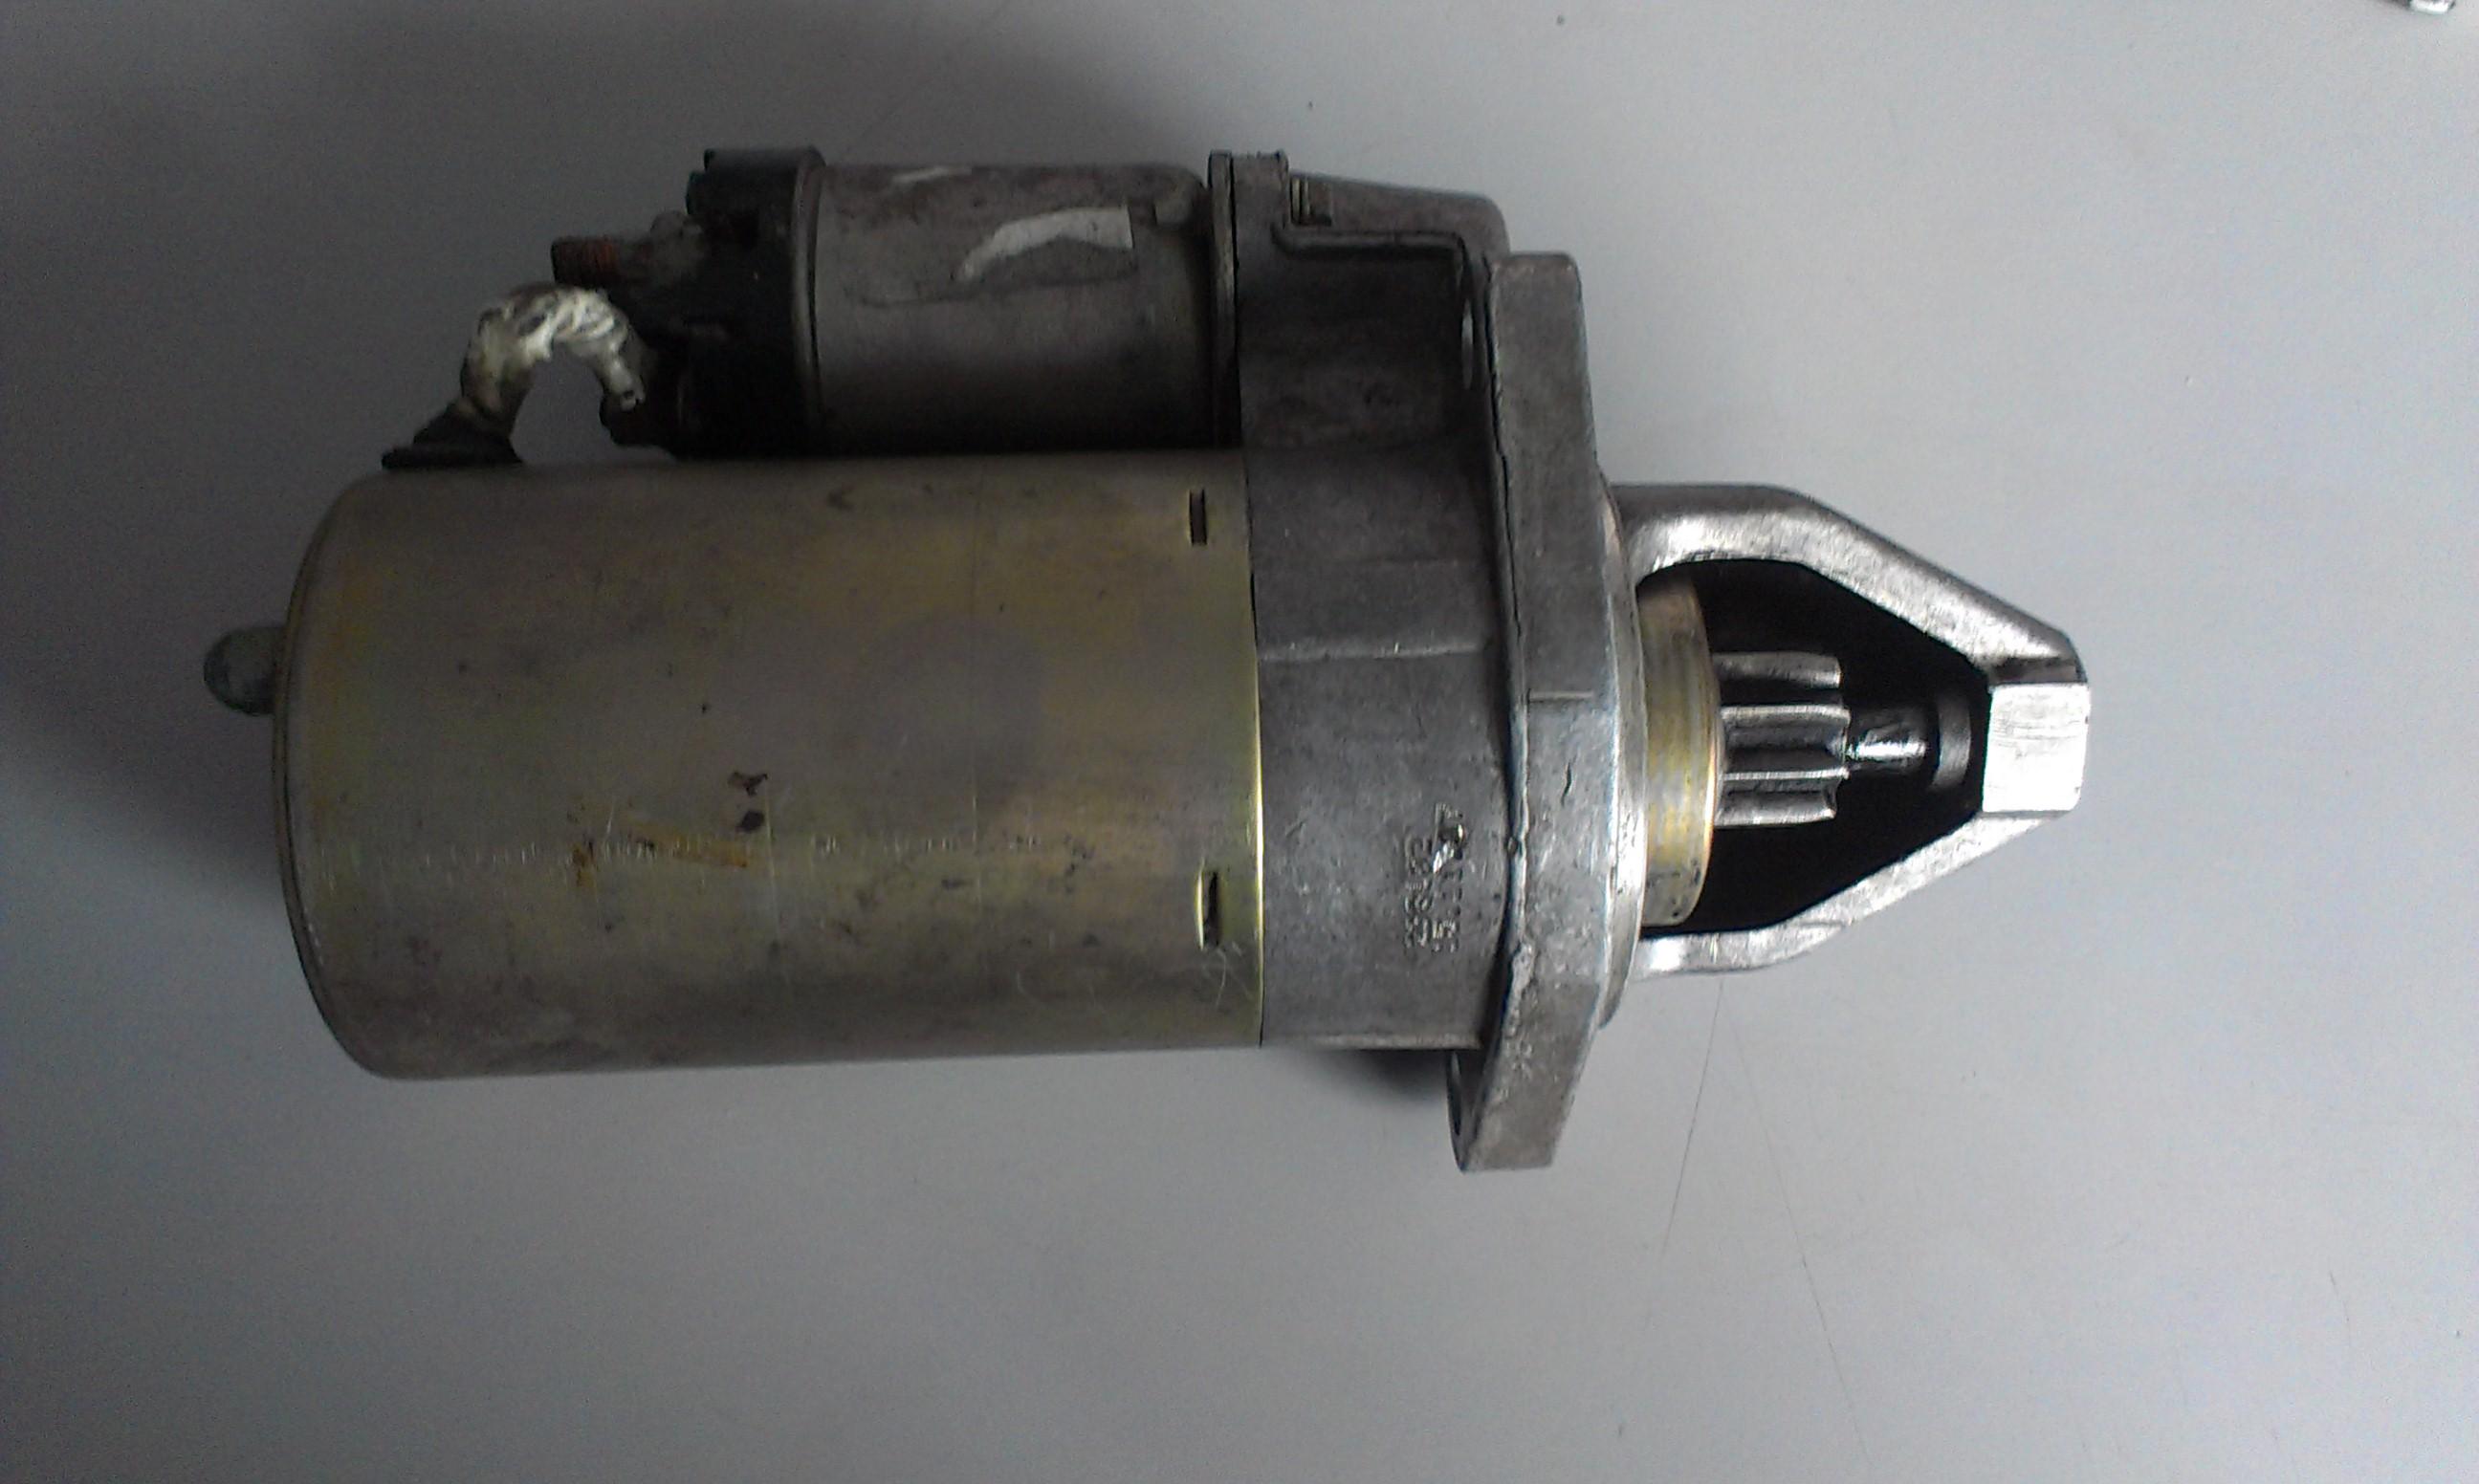 Тюнинг ключа зажигания ваз своими руками